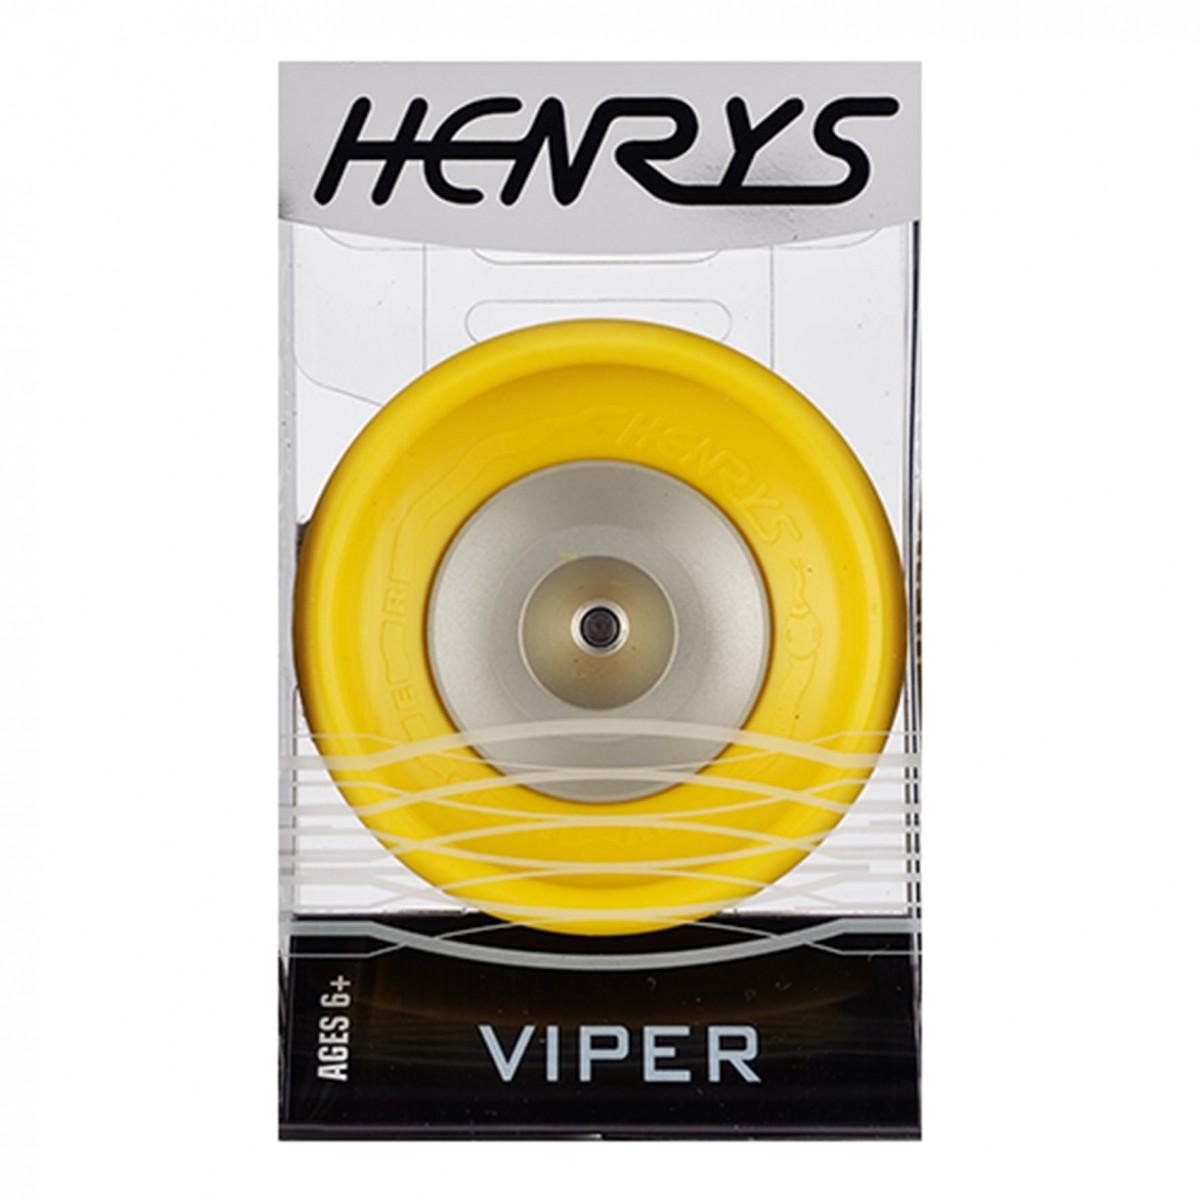 Henrys AXYS Viper Yo-yo